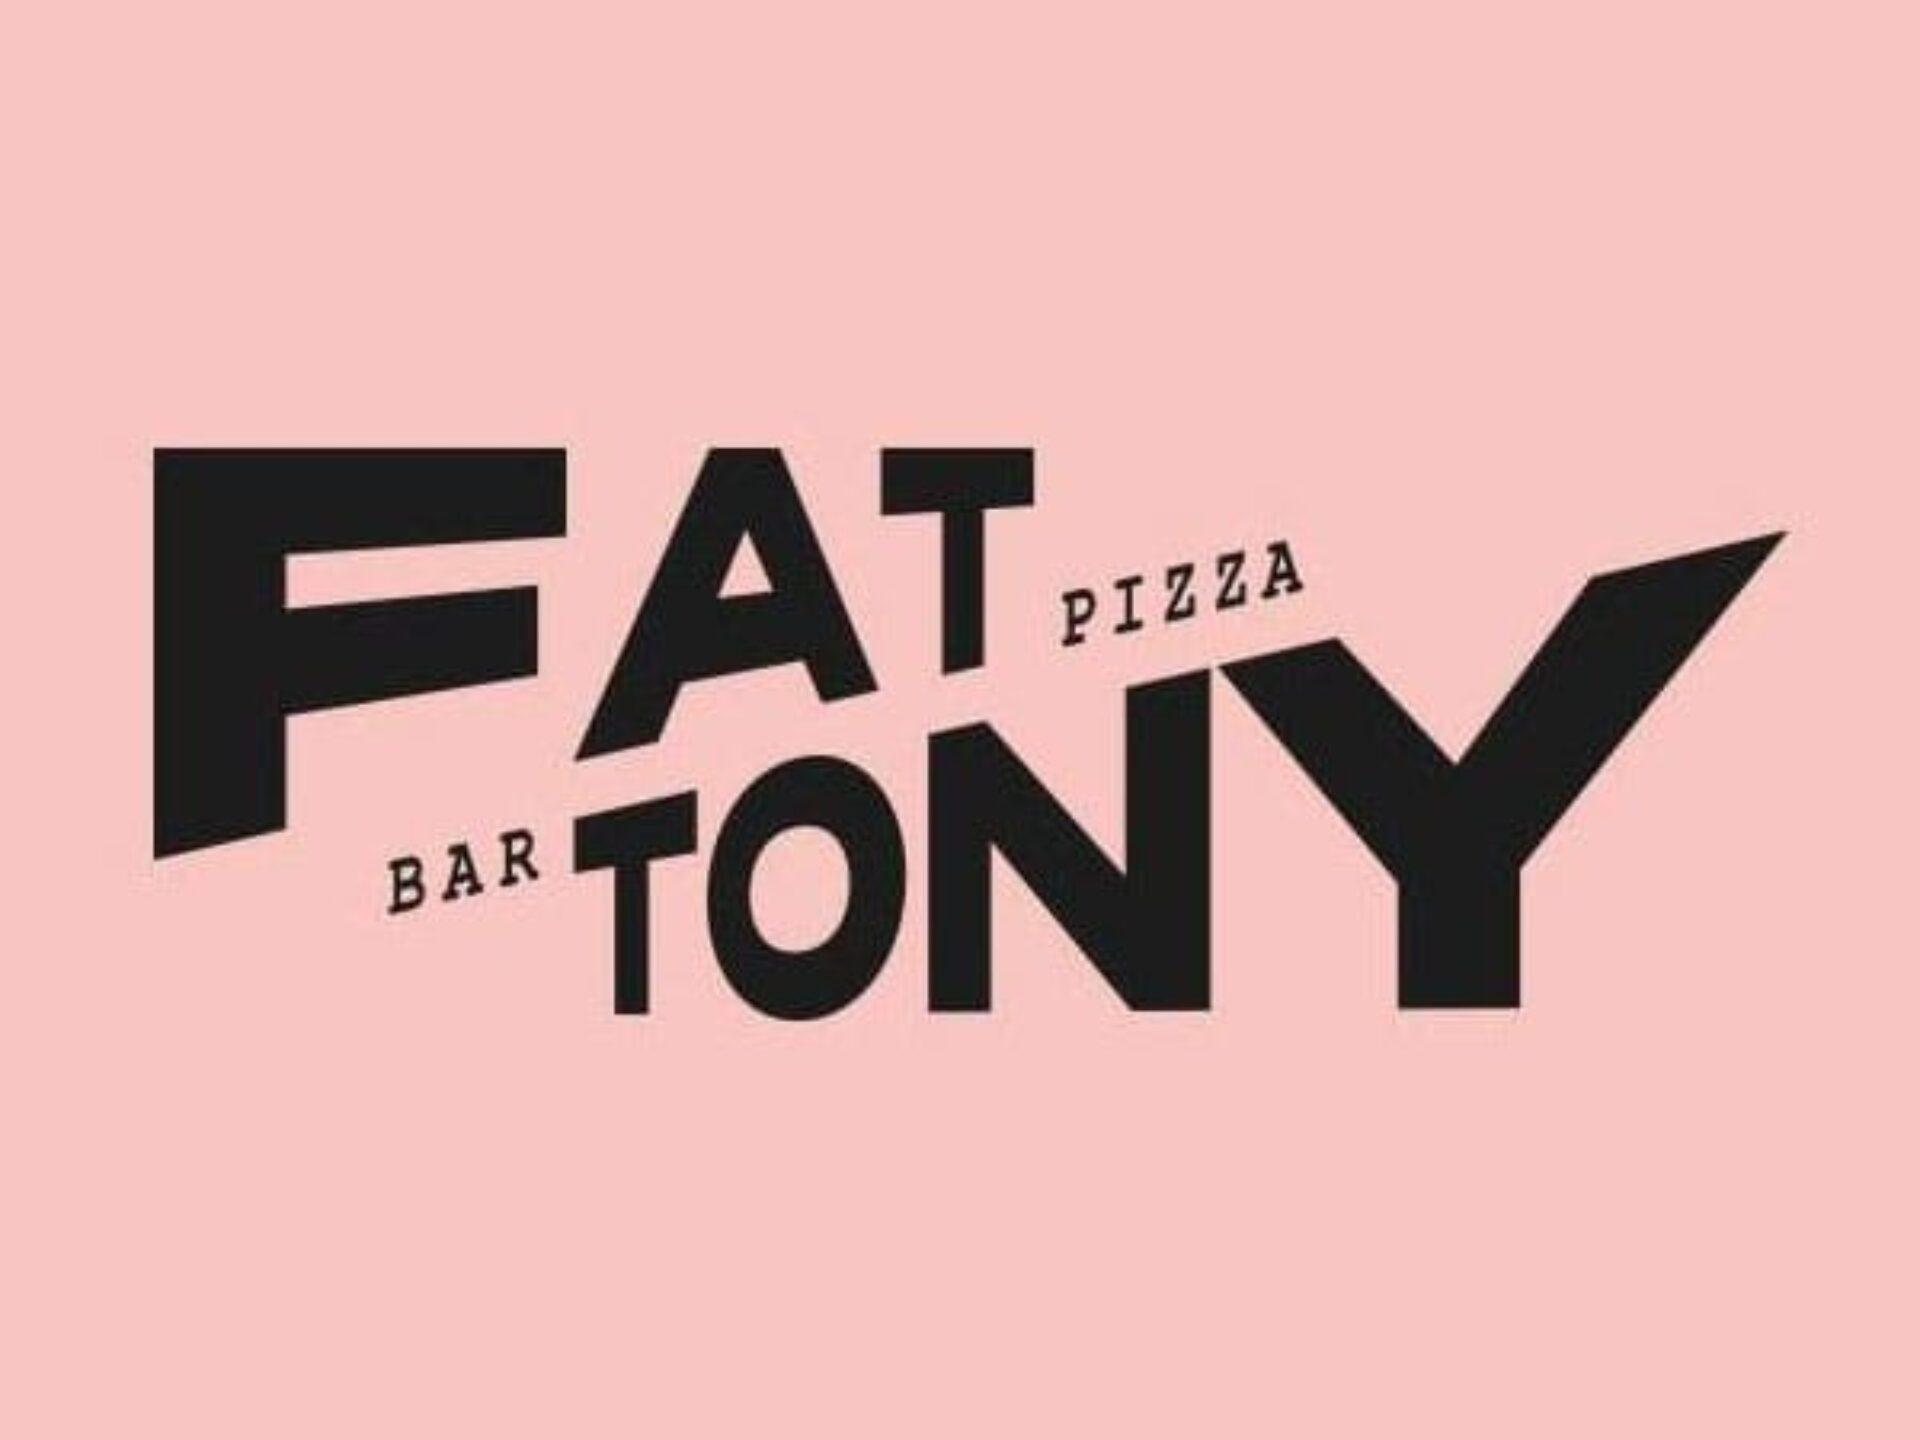 Fat Tony Zuerich Staff Bekleidung